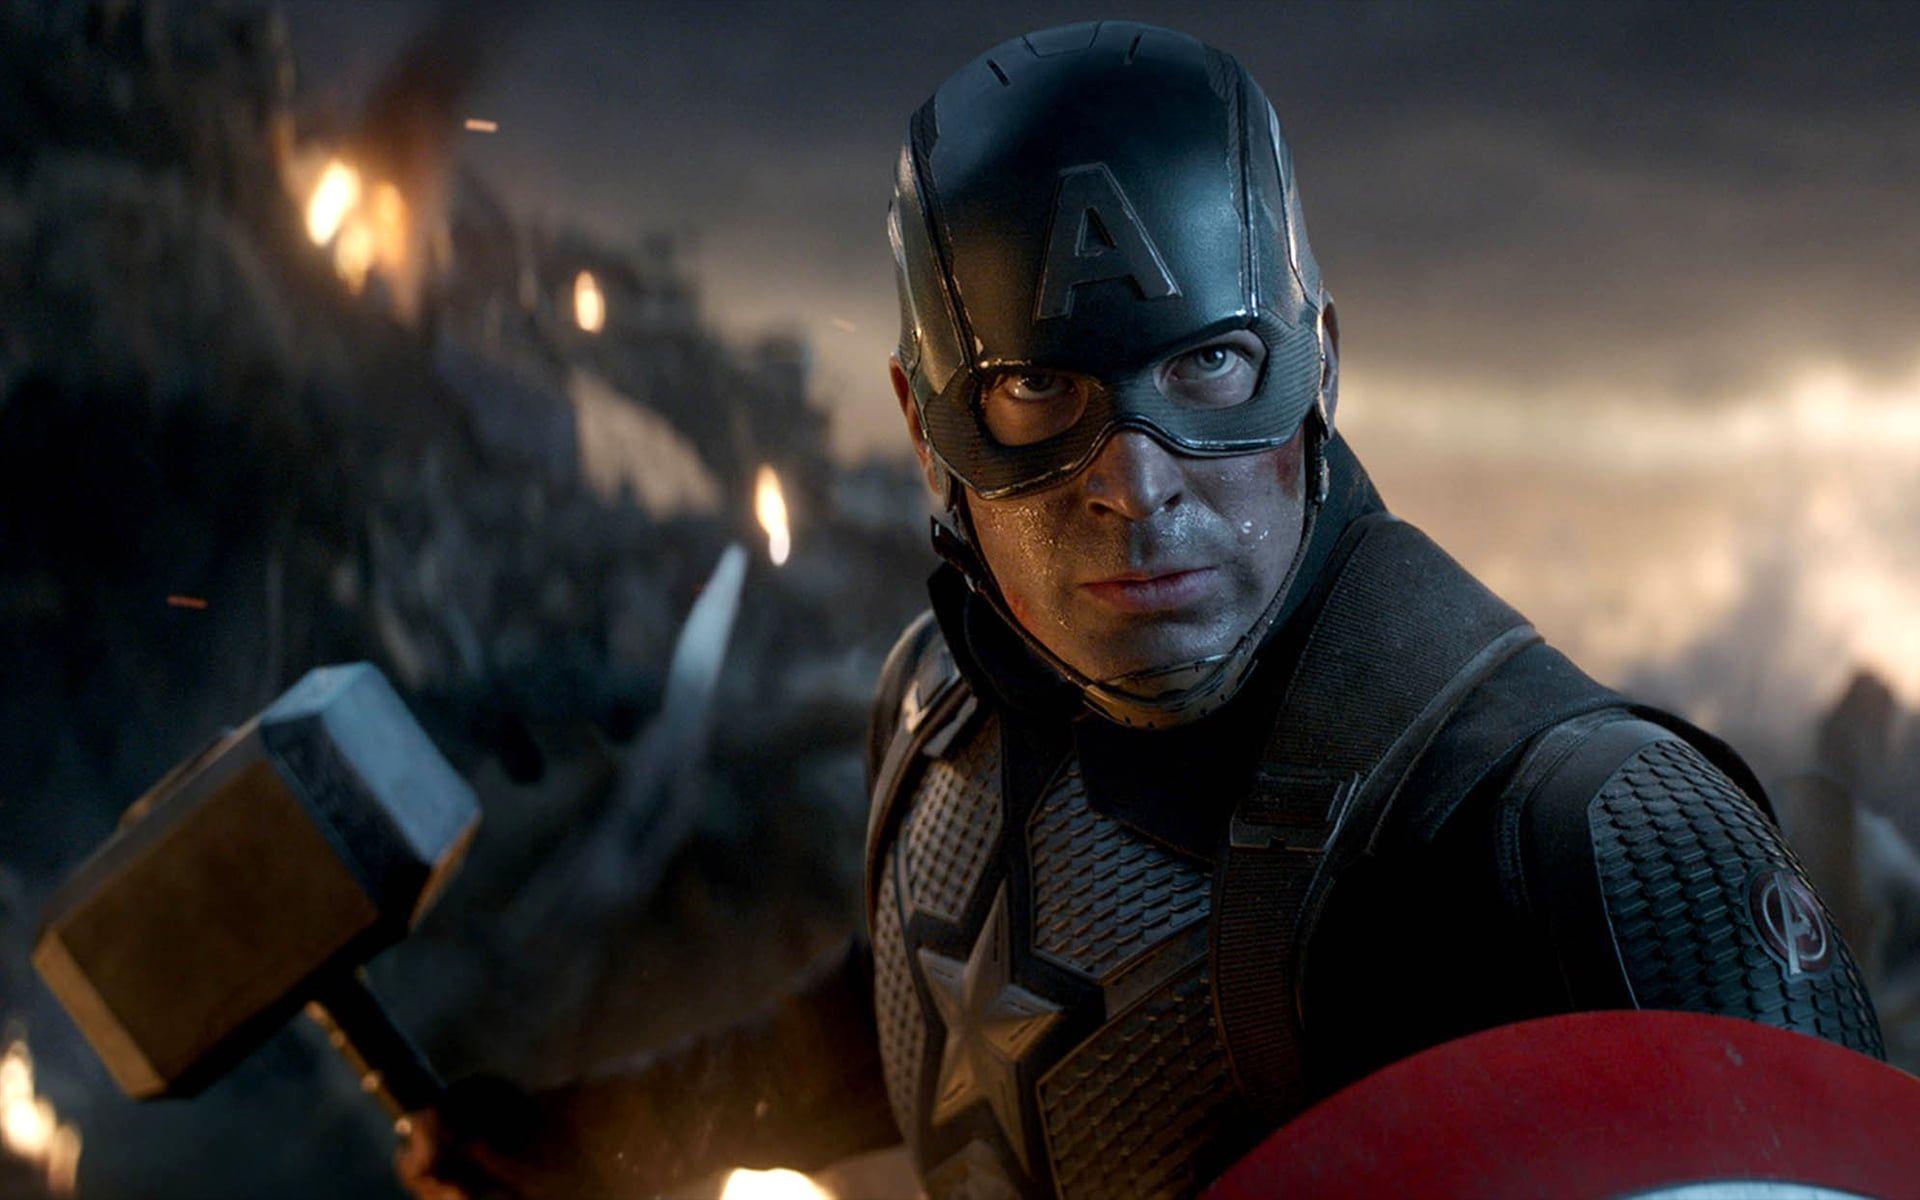 Avengers Endgame Captain America Marvel Cinematic Universe 1080p Wallpaper Hdwallpaper Desktop In 2020 Marvel Studios Movies Marvel Cinematic Avengers